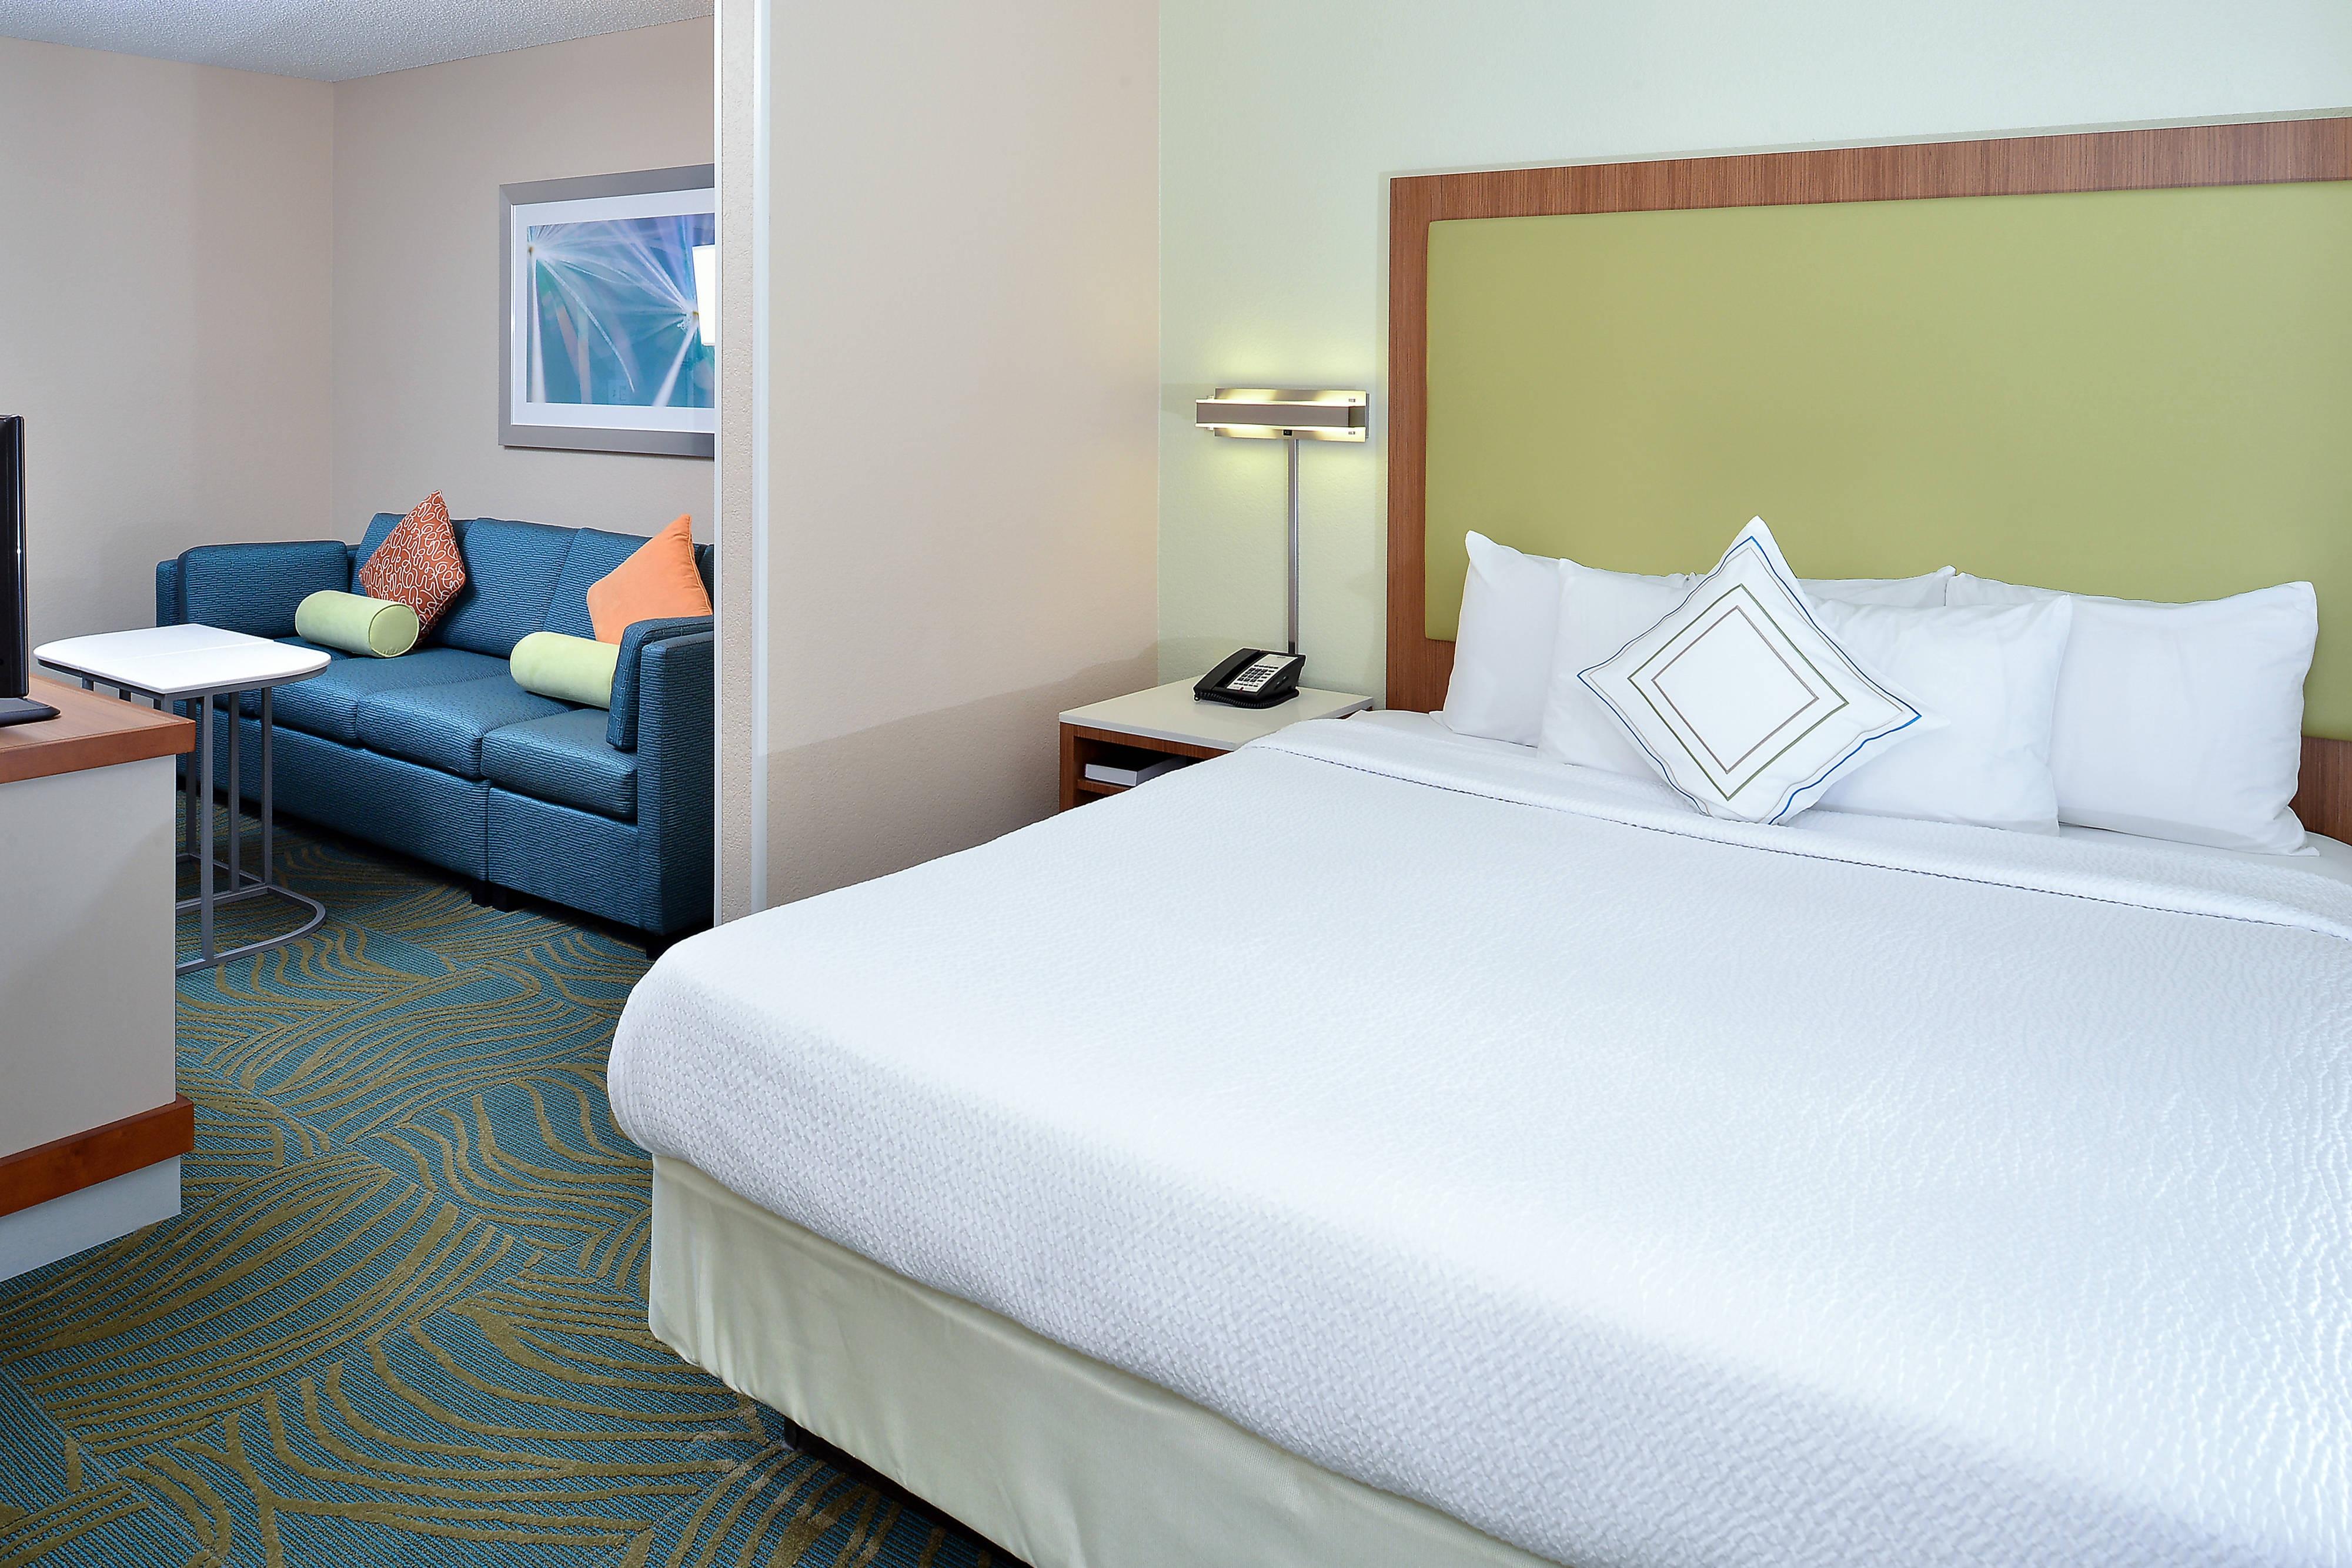 King Suite Hotel Arcadia, CA